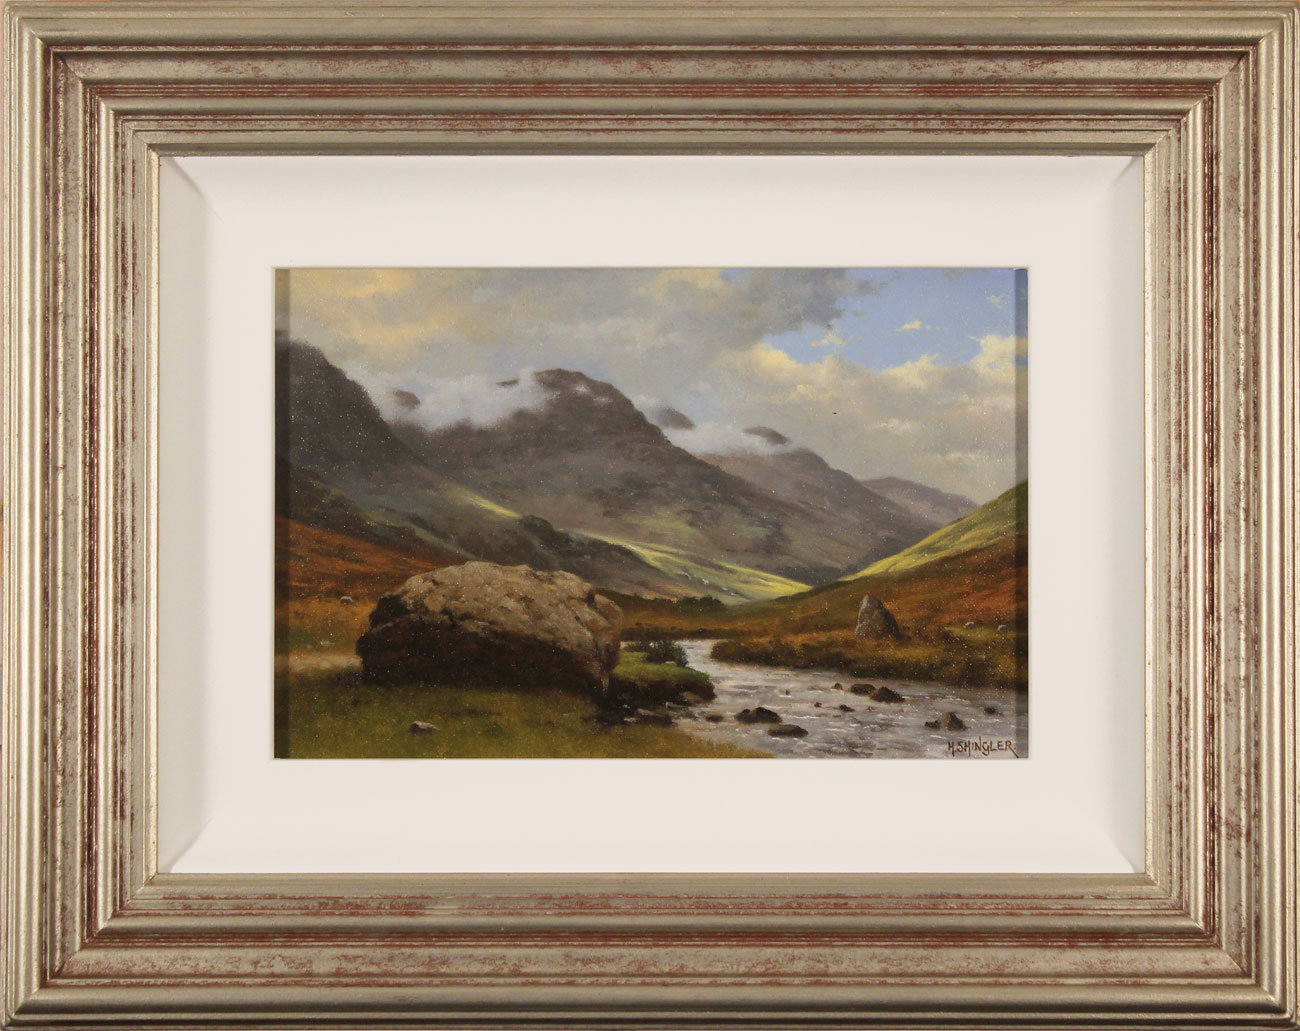 Howard Shingler, Original oil painting on panel, High Stile from Gatesgarthdale Beck. Click to enlarge